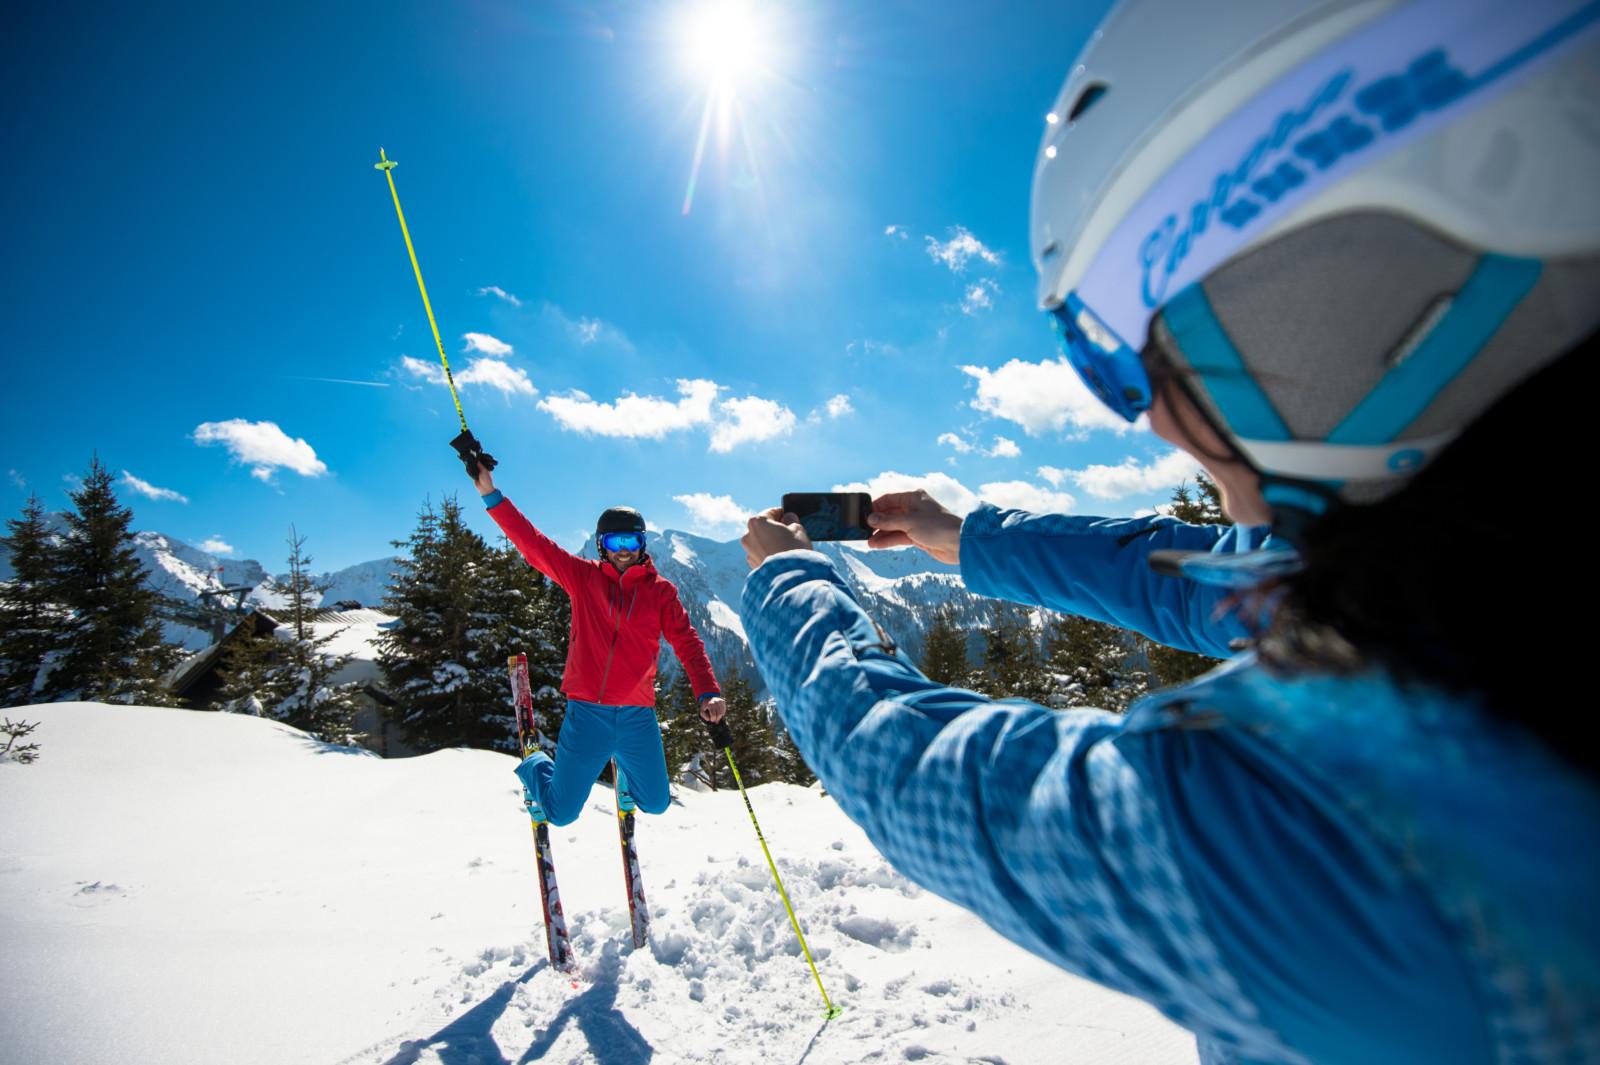 ski amad sinne sch rfen beim skiurlaub salzburgerland magazin. Black Bedroom Furniture Sets. Home Design Ideas